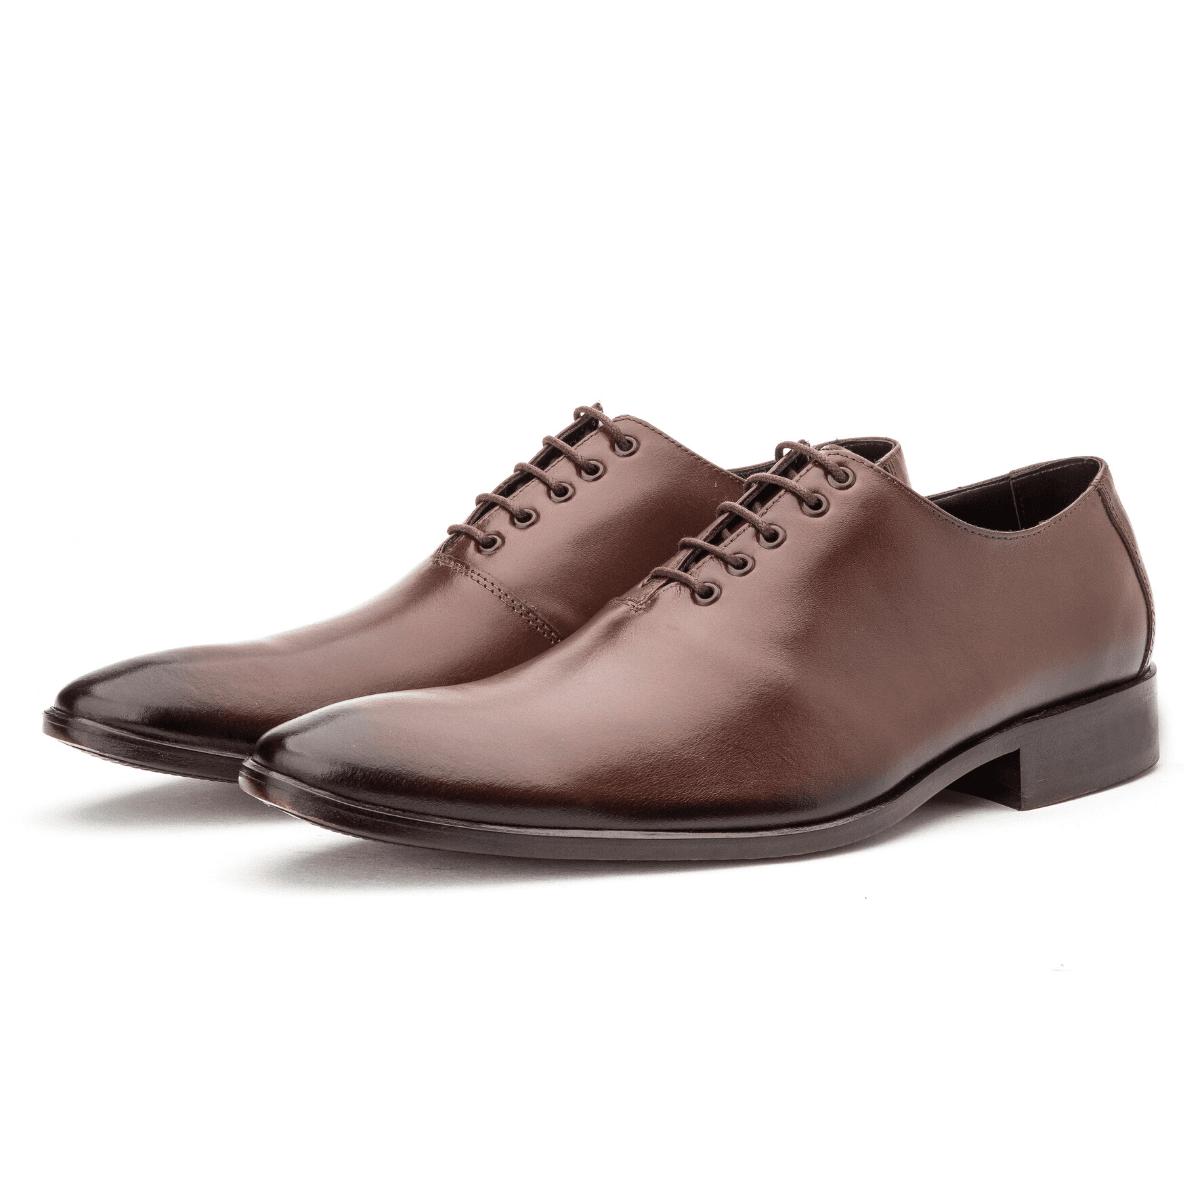 Sapato Masculino Wholecut em Couro Legítimo Café Lançamento